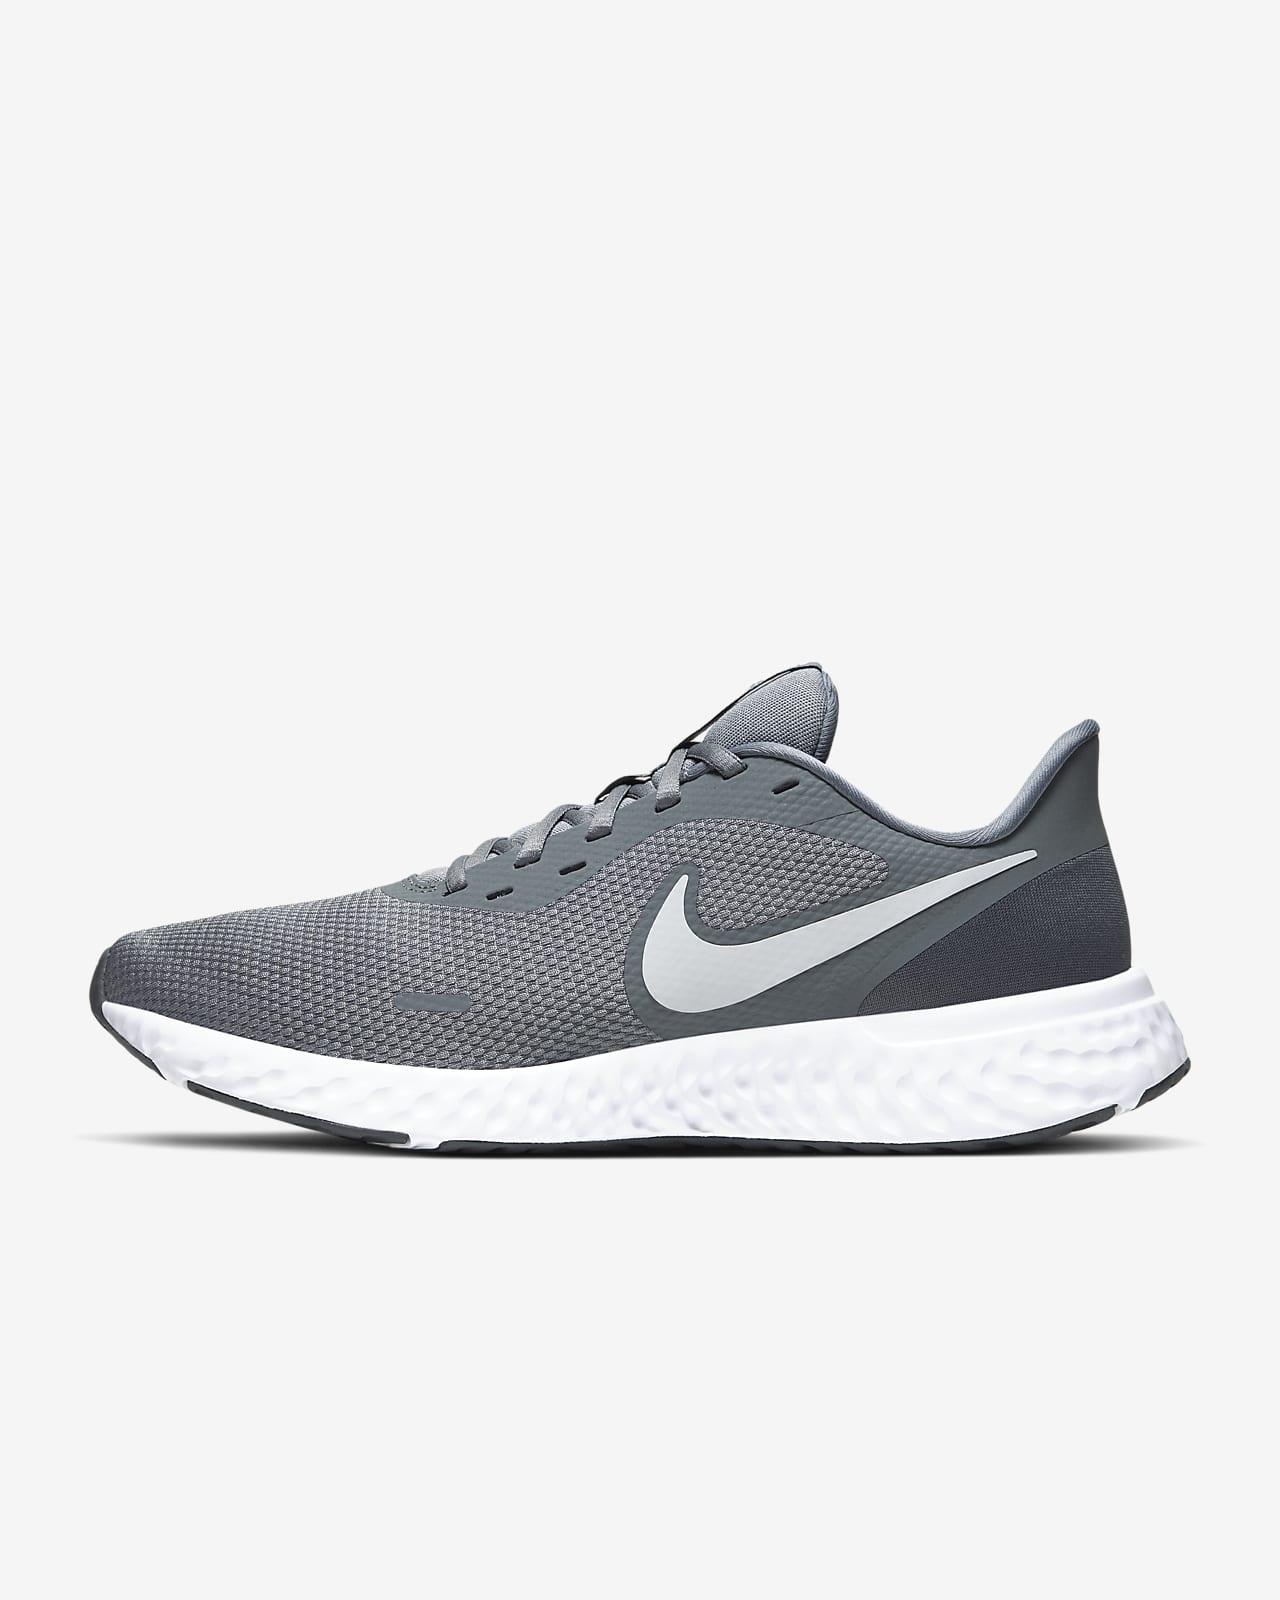 Ανδρικό παπούτσι για τρέξιμο Nike Revolution 5